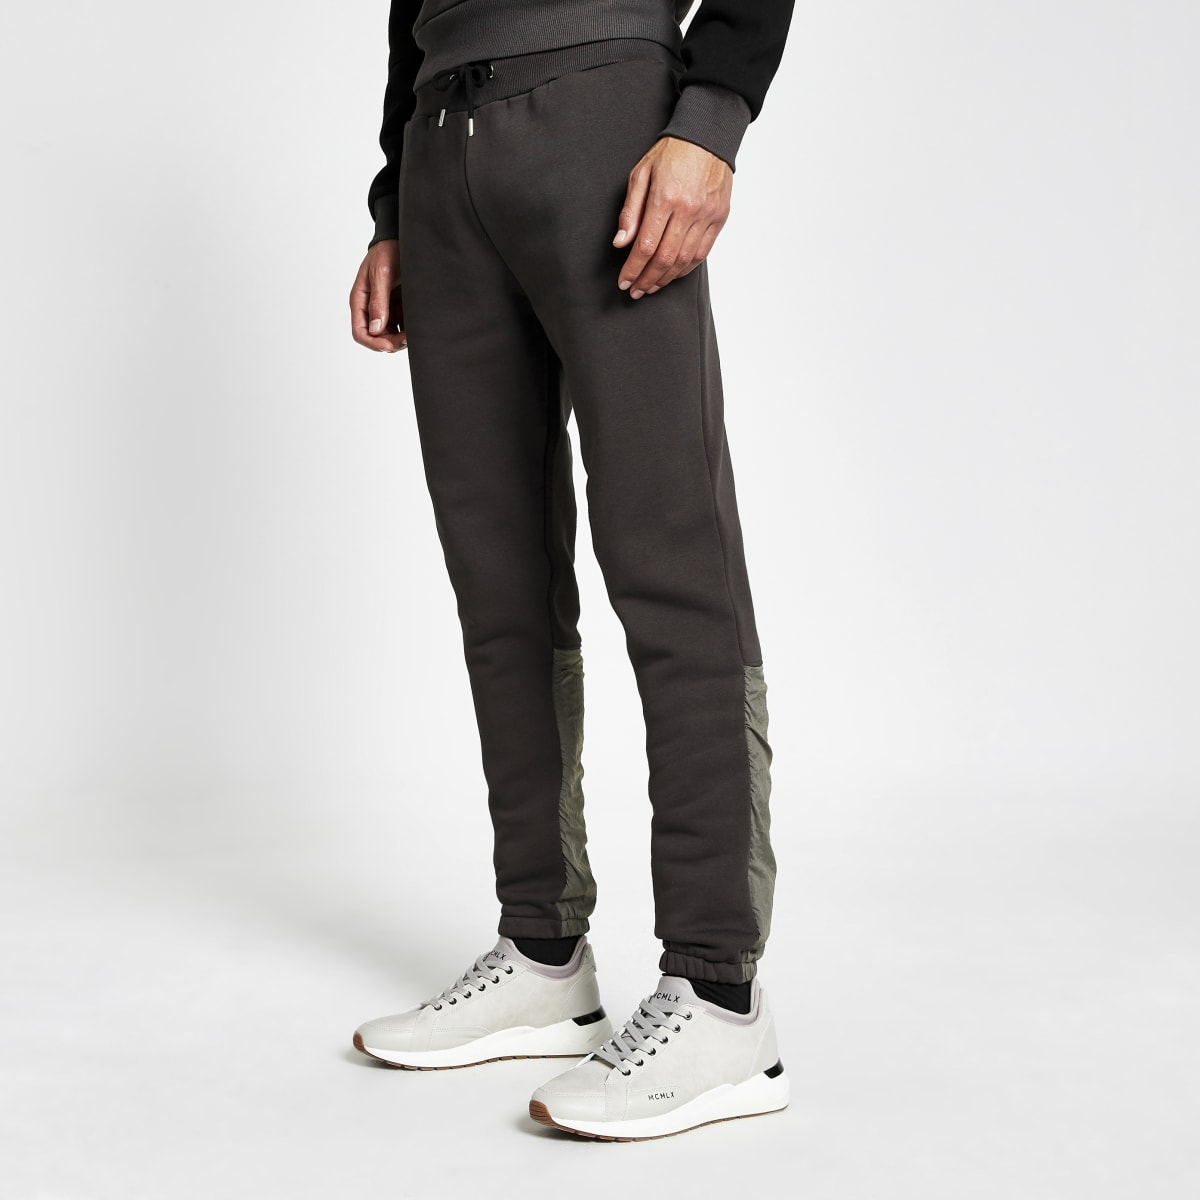 DVSN - Zwarte nylon joggingbroek met kleurvlakken